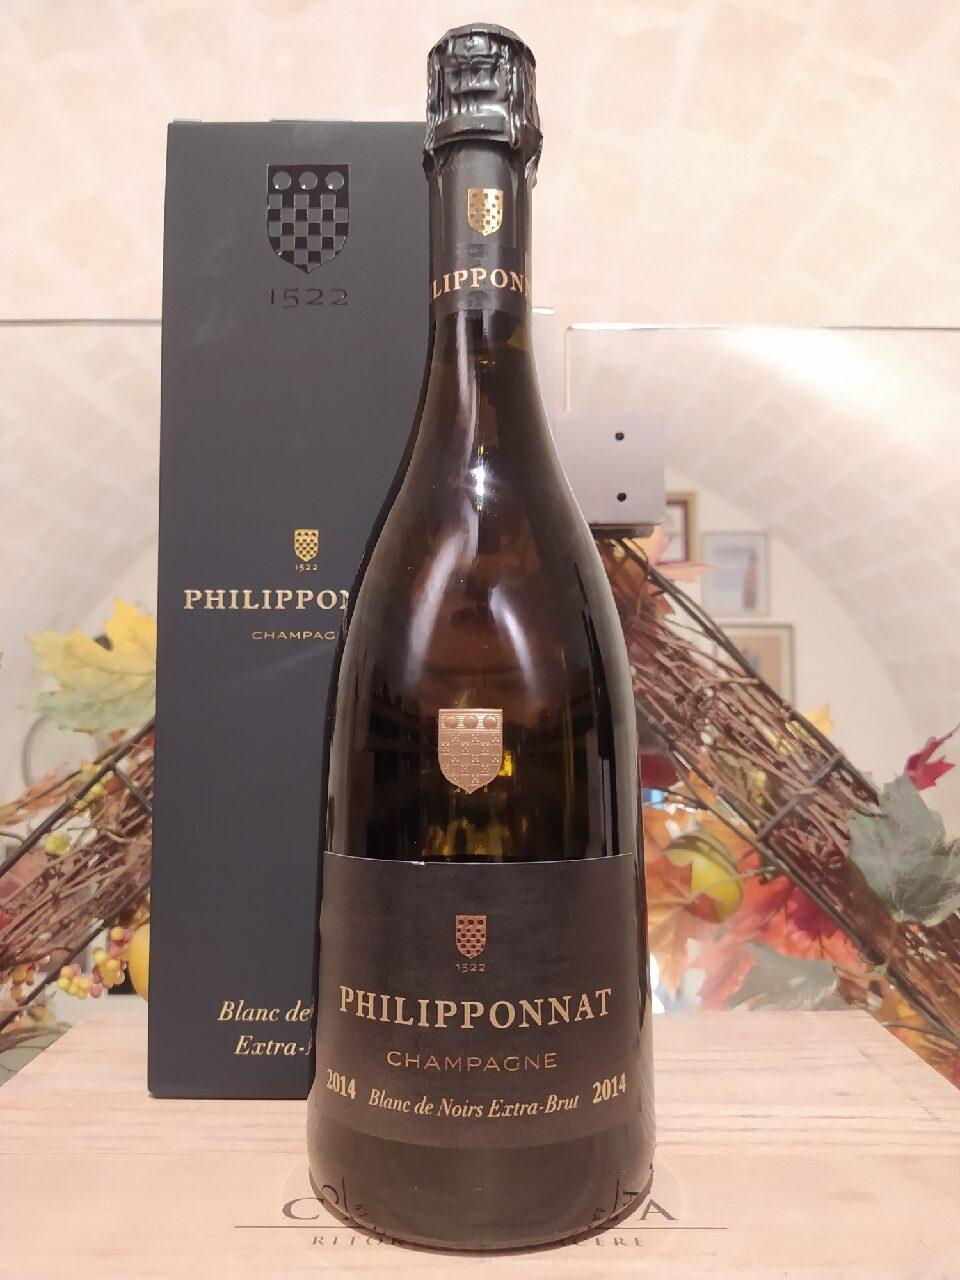 Blanc de Noirs Philipponnat Champagne Extra-Brut 2014